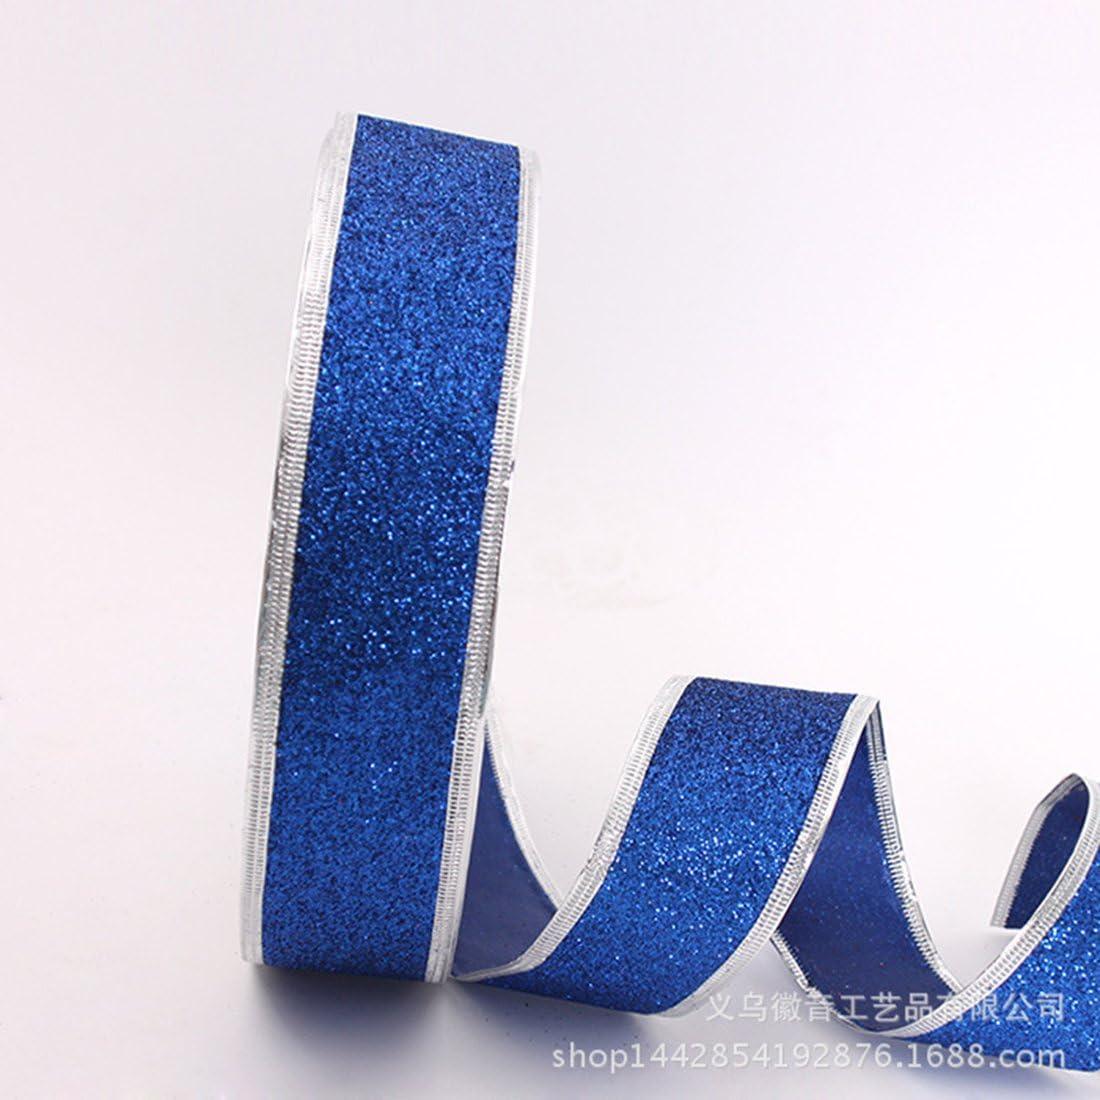 Weihnachtsbaum Hochzeiten Chen ruitm 100YARDS Zwiebel Puder Swirl Wired Glitter Seidenband Satinband f/ür Festival Dekoration gold Geschenk Verpackung